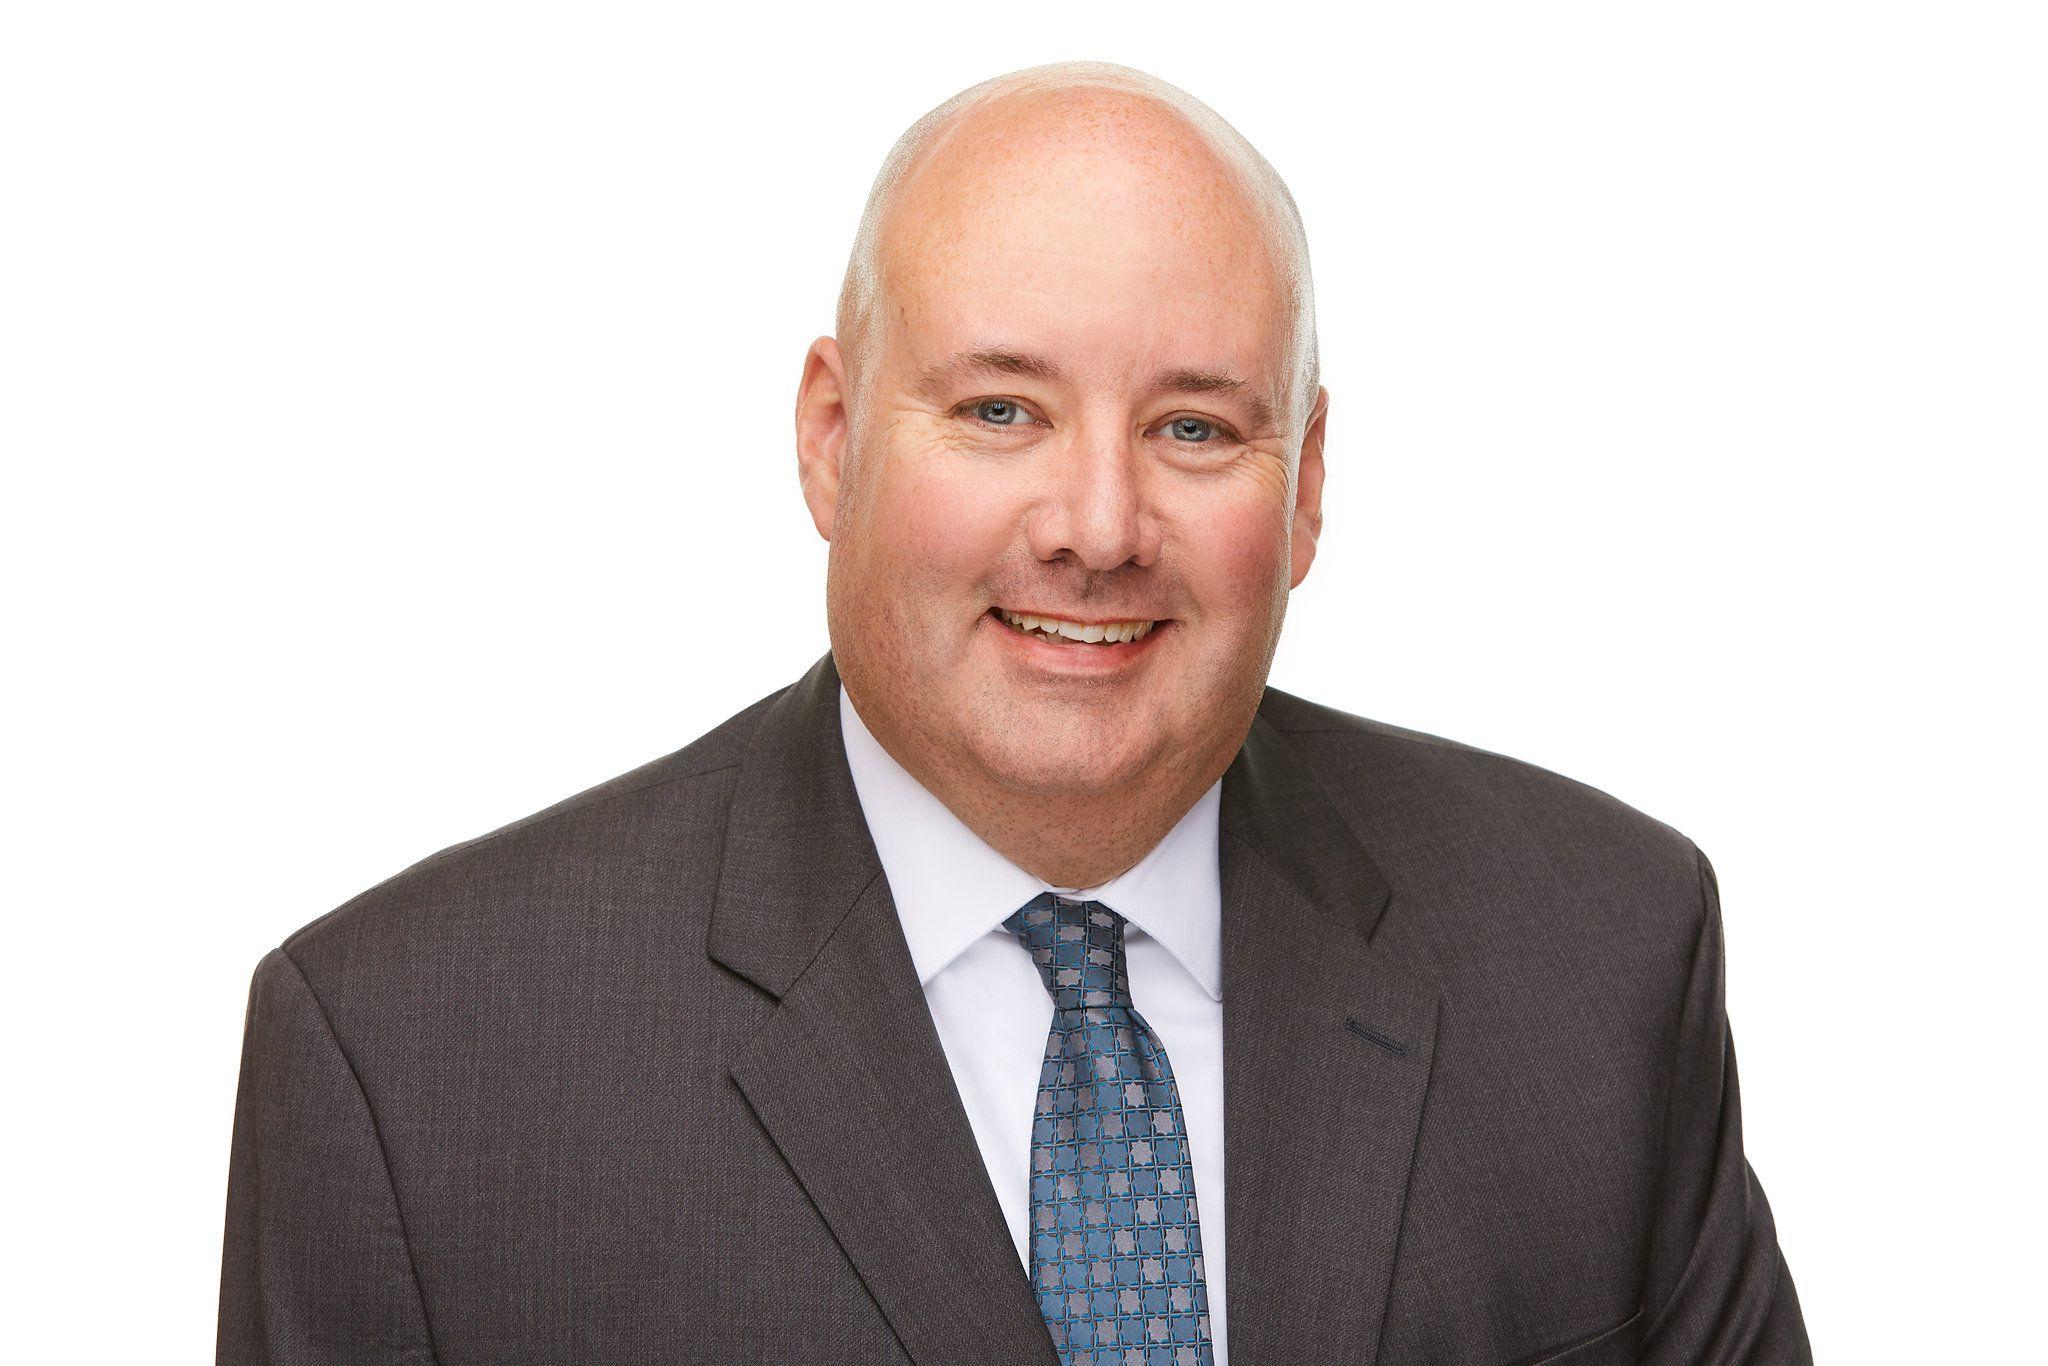 Shawn Walsh